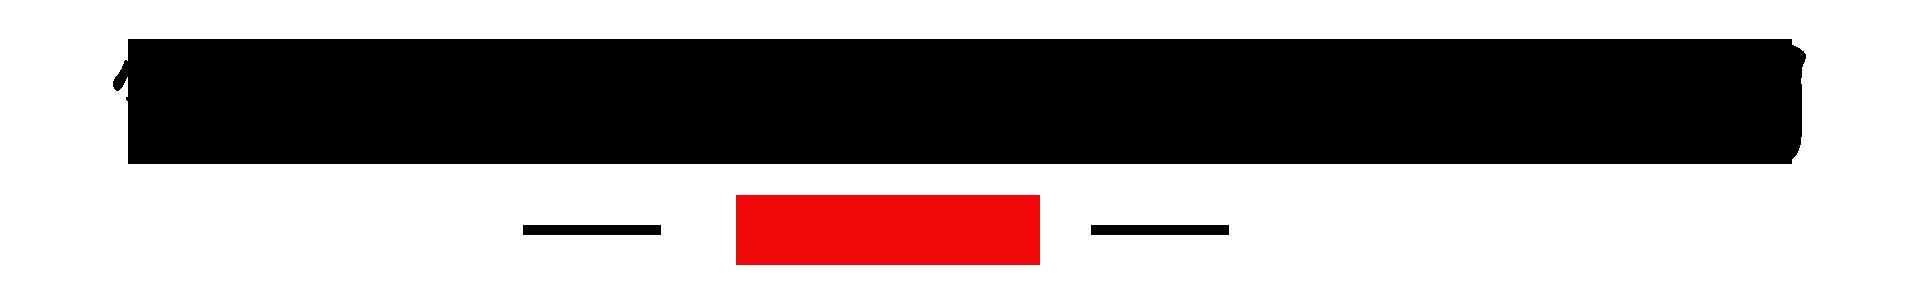 宁夏天亿新能源科技万博体育app登录